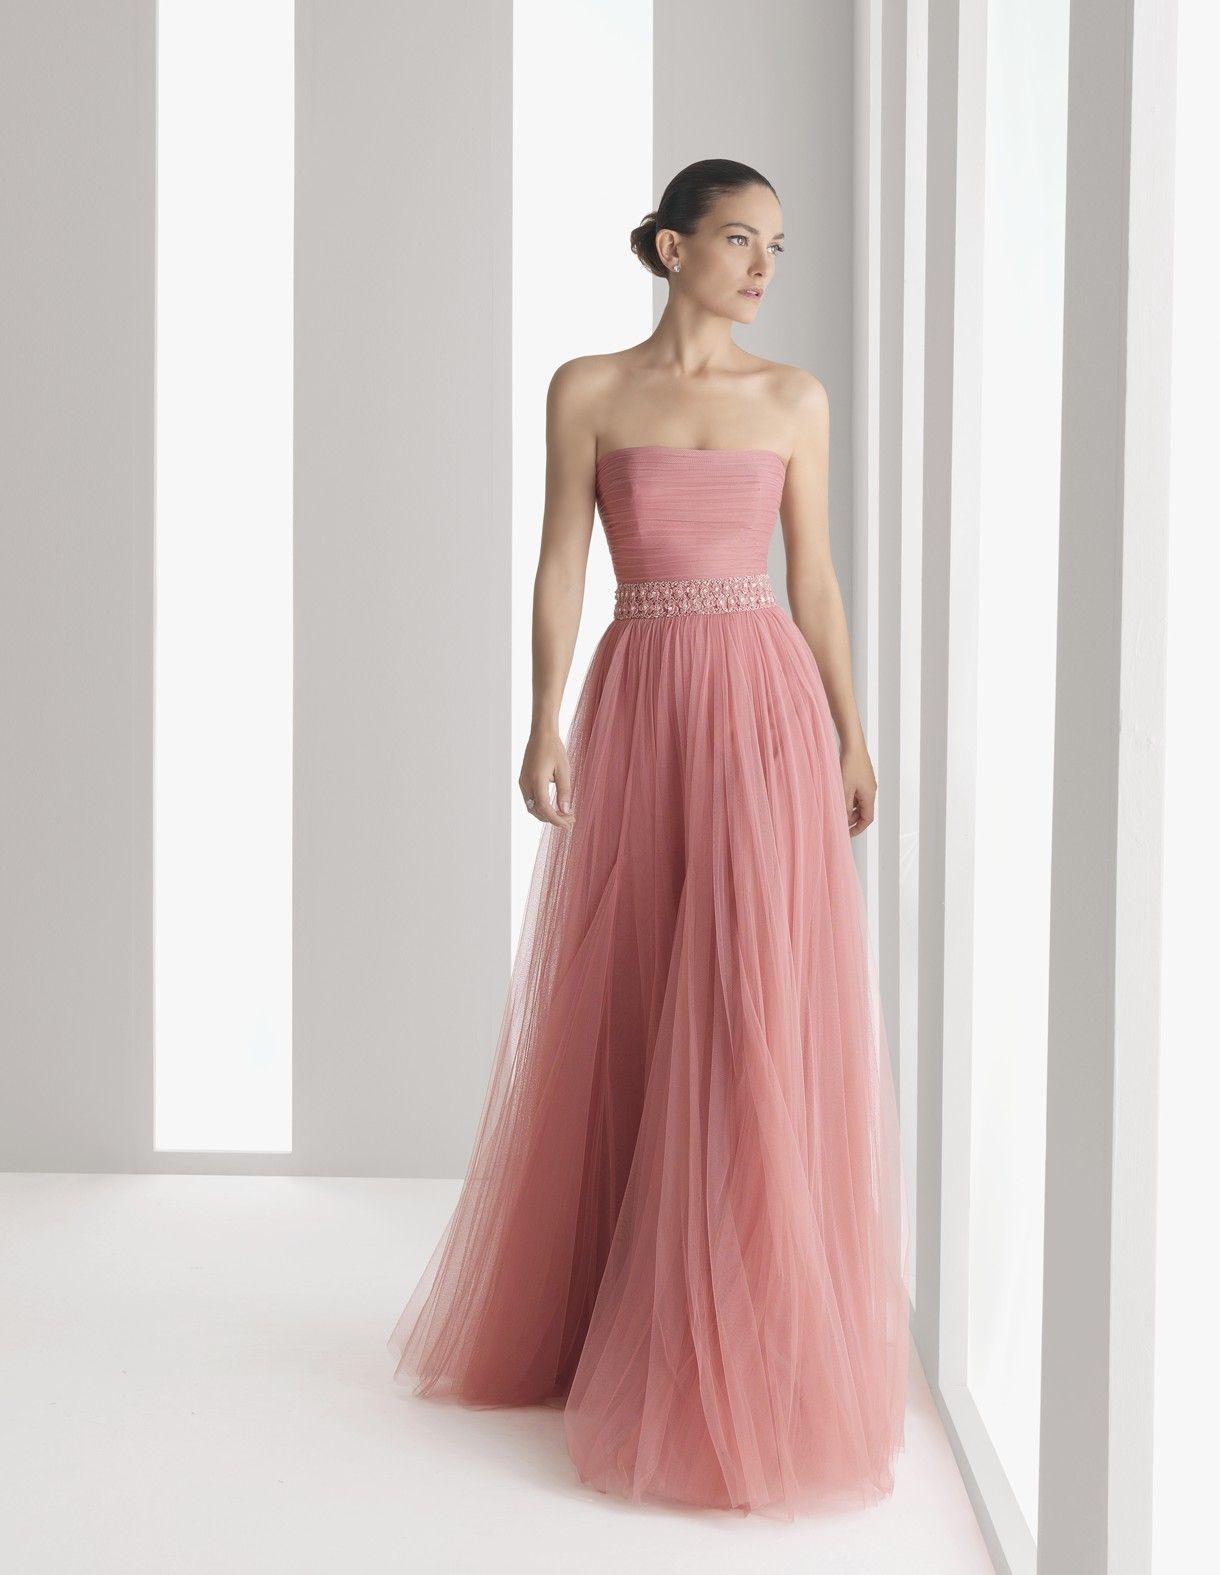 Vestidos de novia y fiesta - Descubre las nuevas colecciones